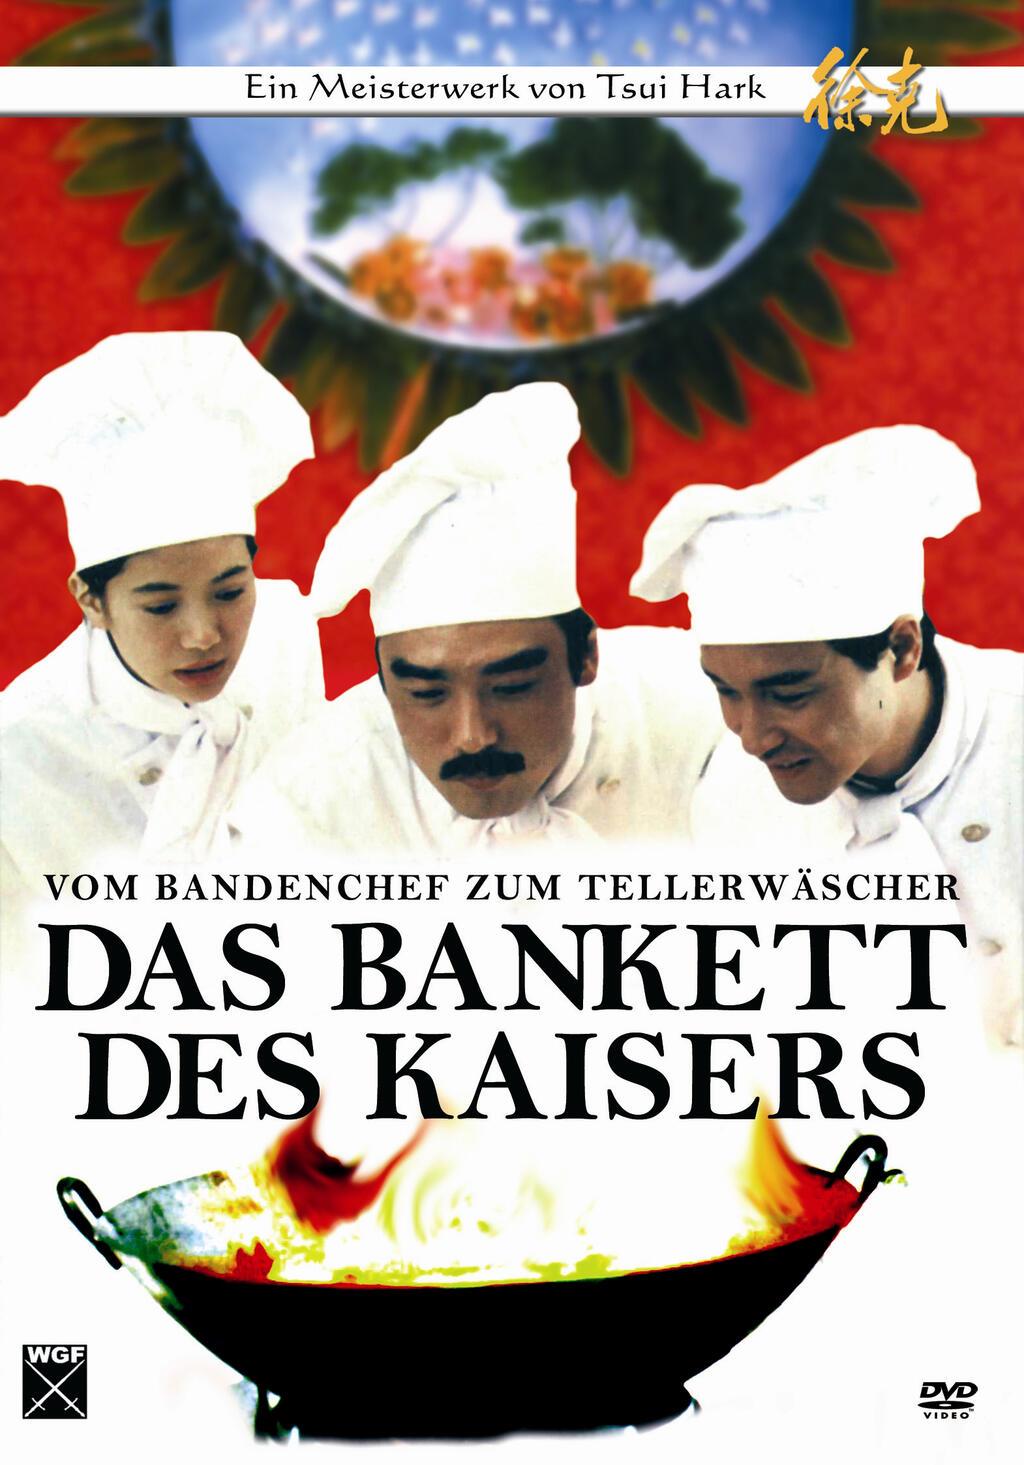 Das Bankett des Kaisers